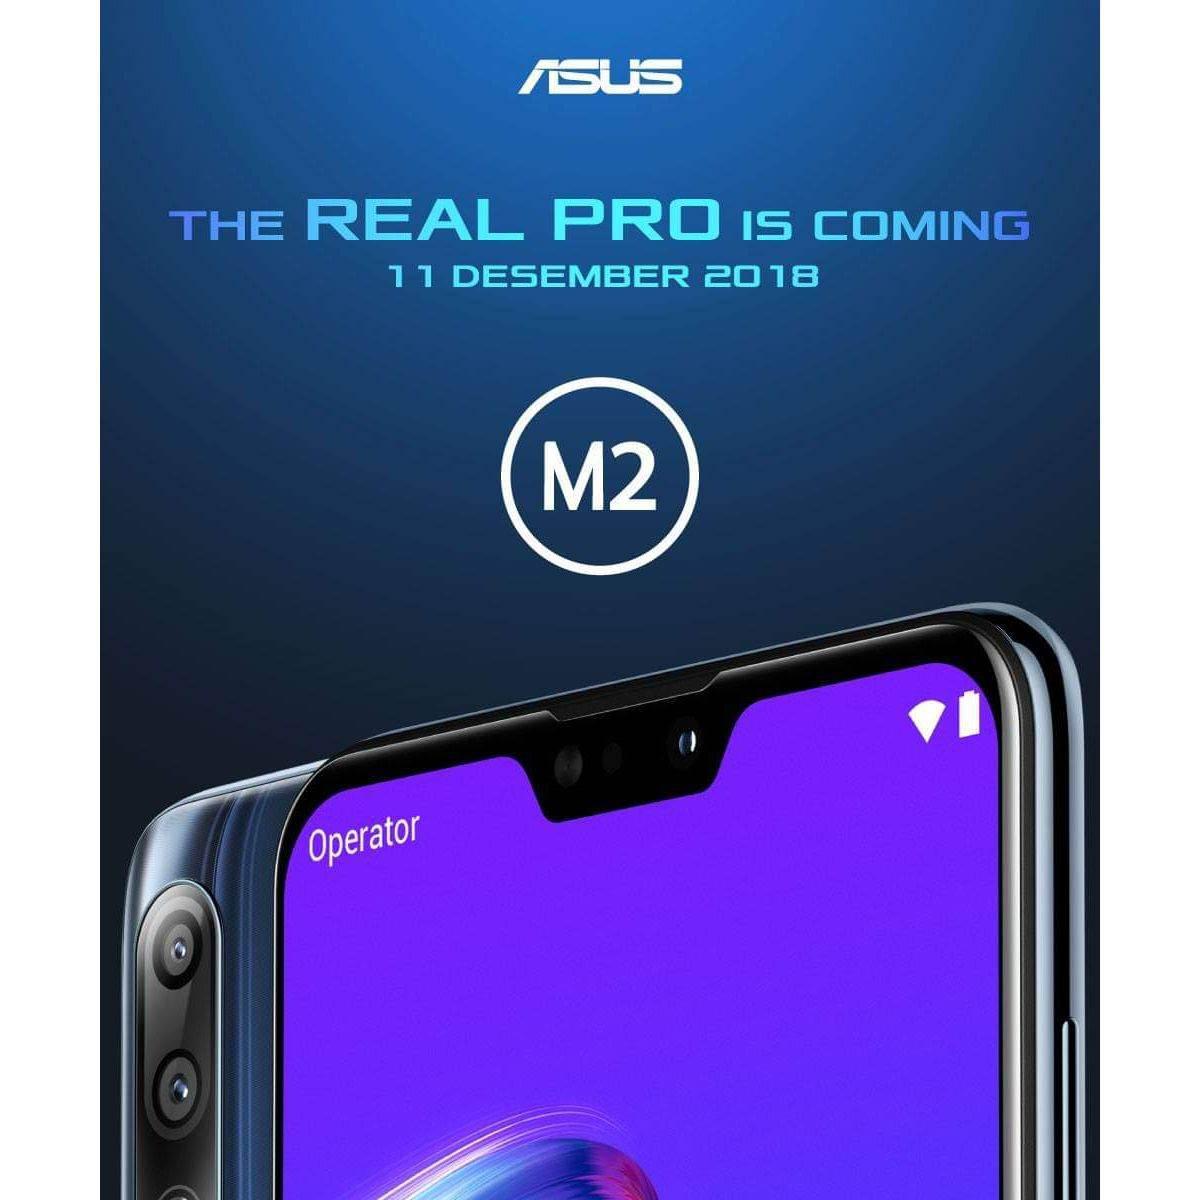 Üç arka kameralı Asus ZenFone Max Pro M2'nin ilk resmi görseli yayınlandı